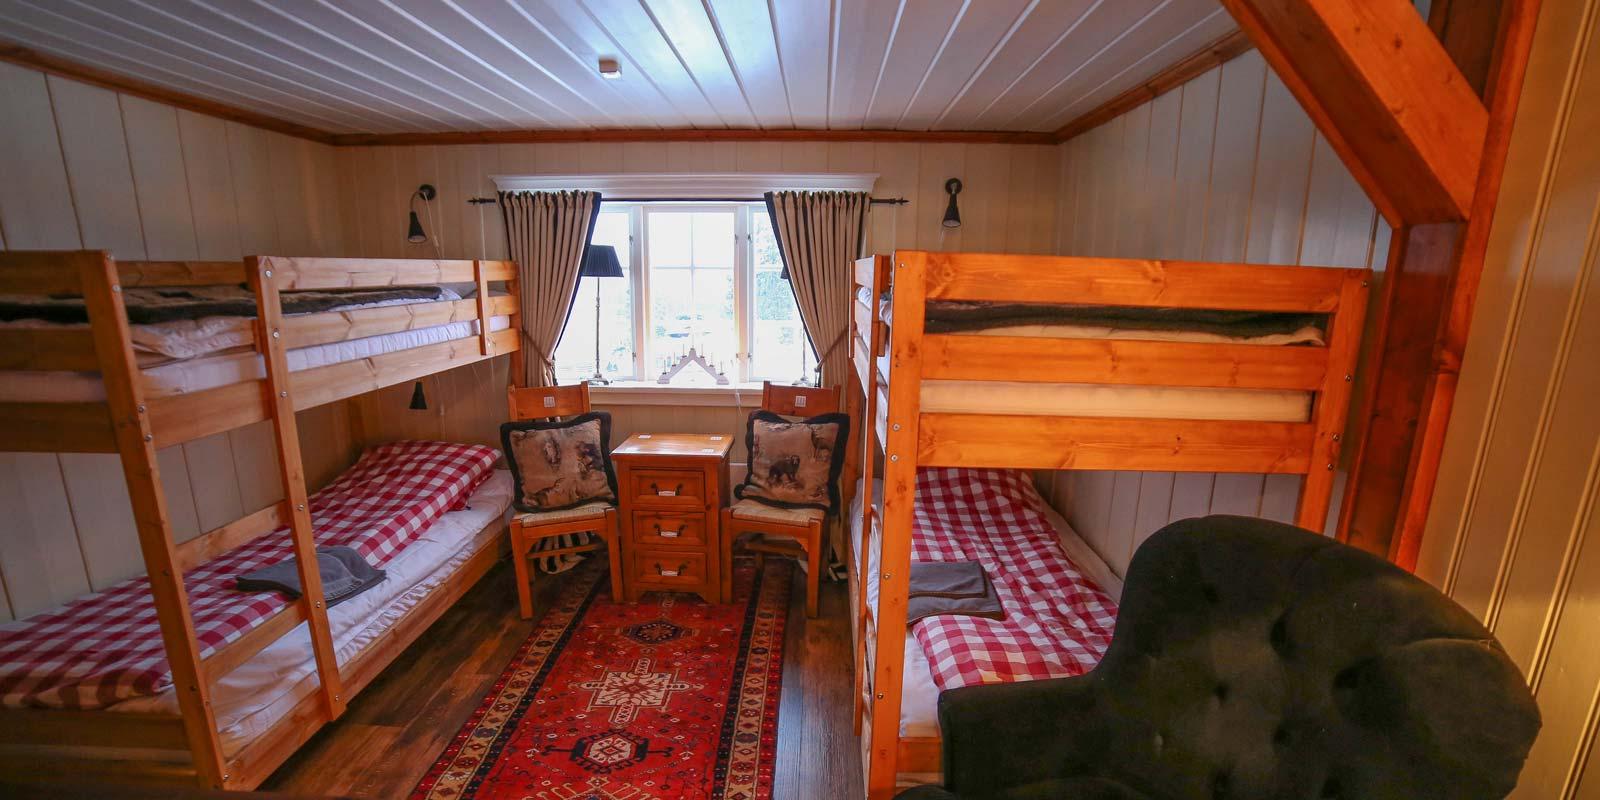 skarvruet hotel tänndalen funäsdalen funäsjällen härjedalen jämtland hostel double bed room